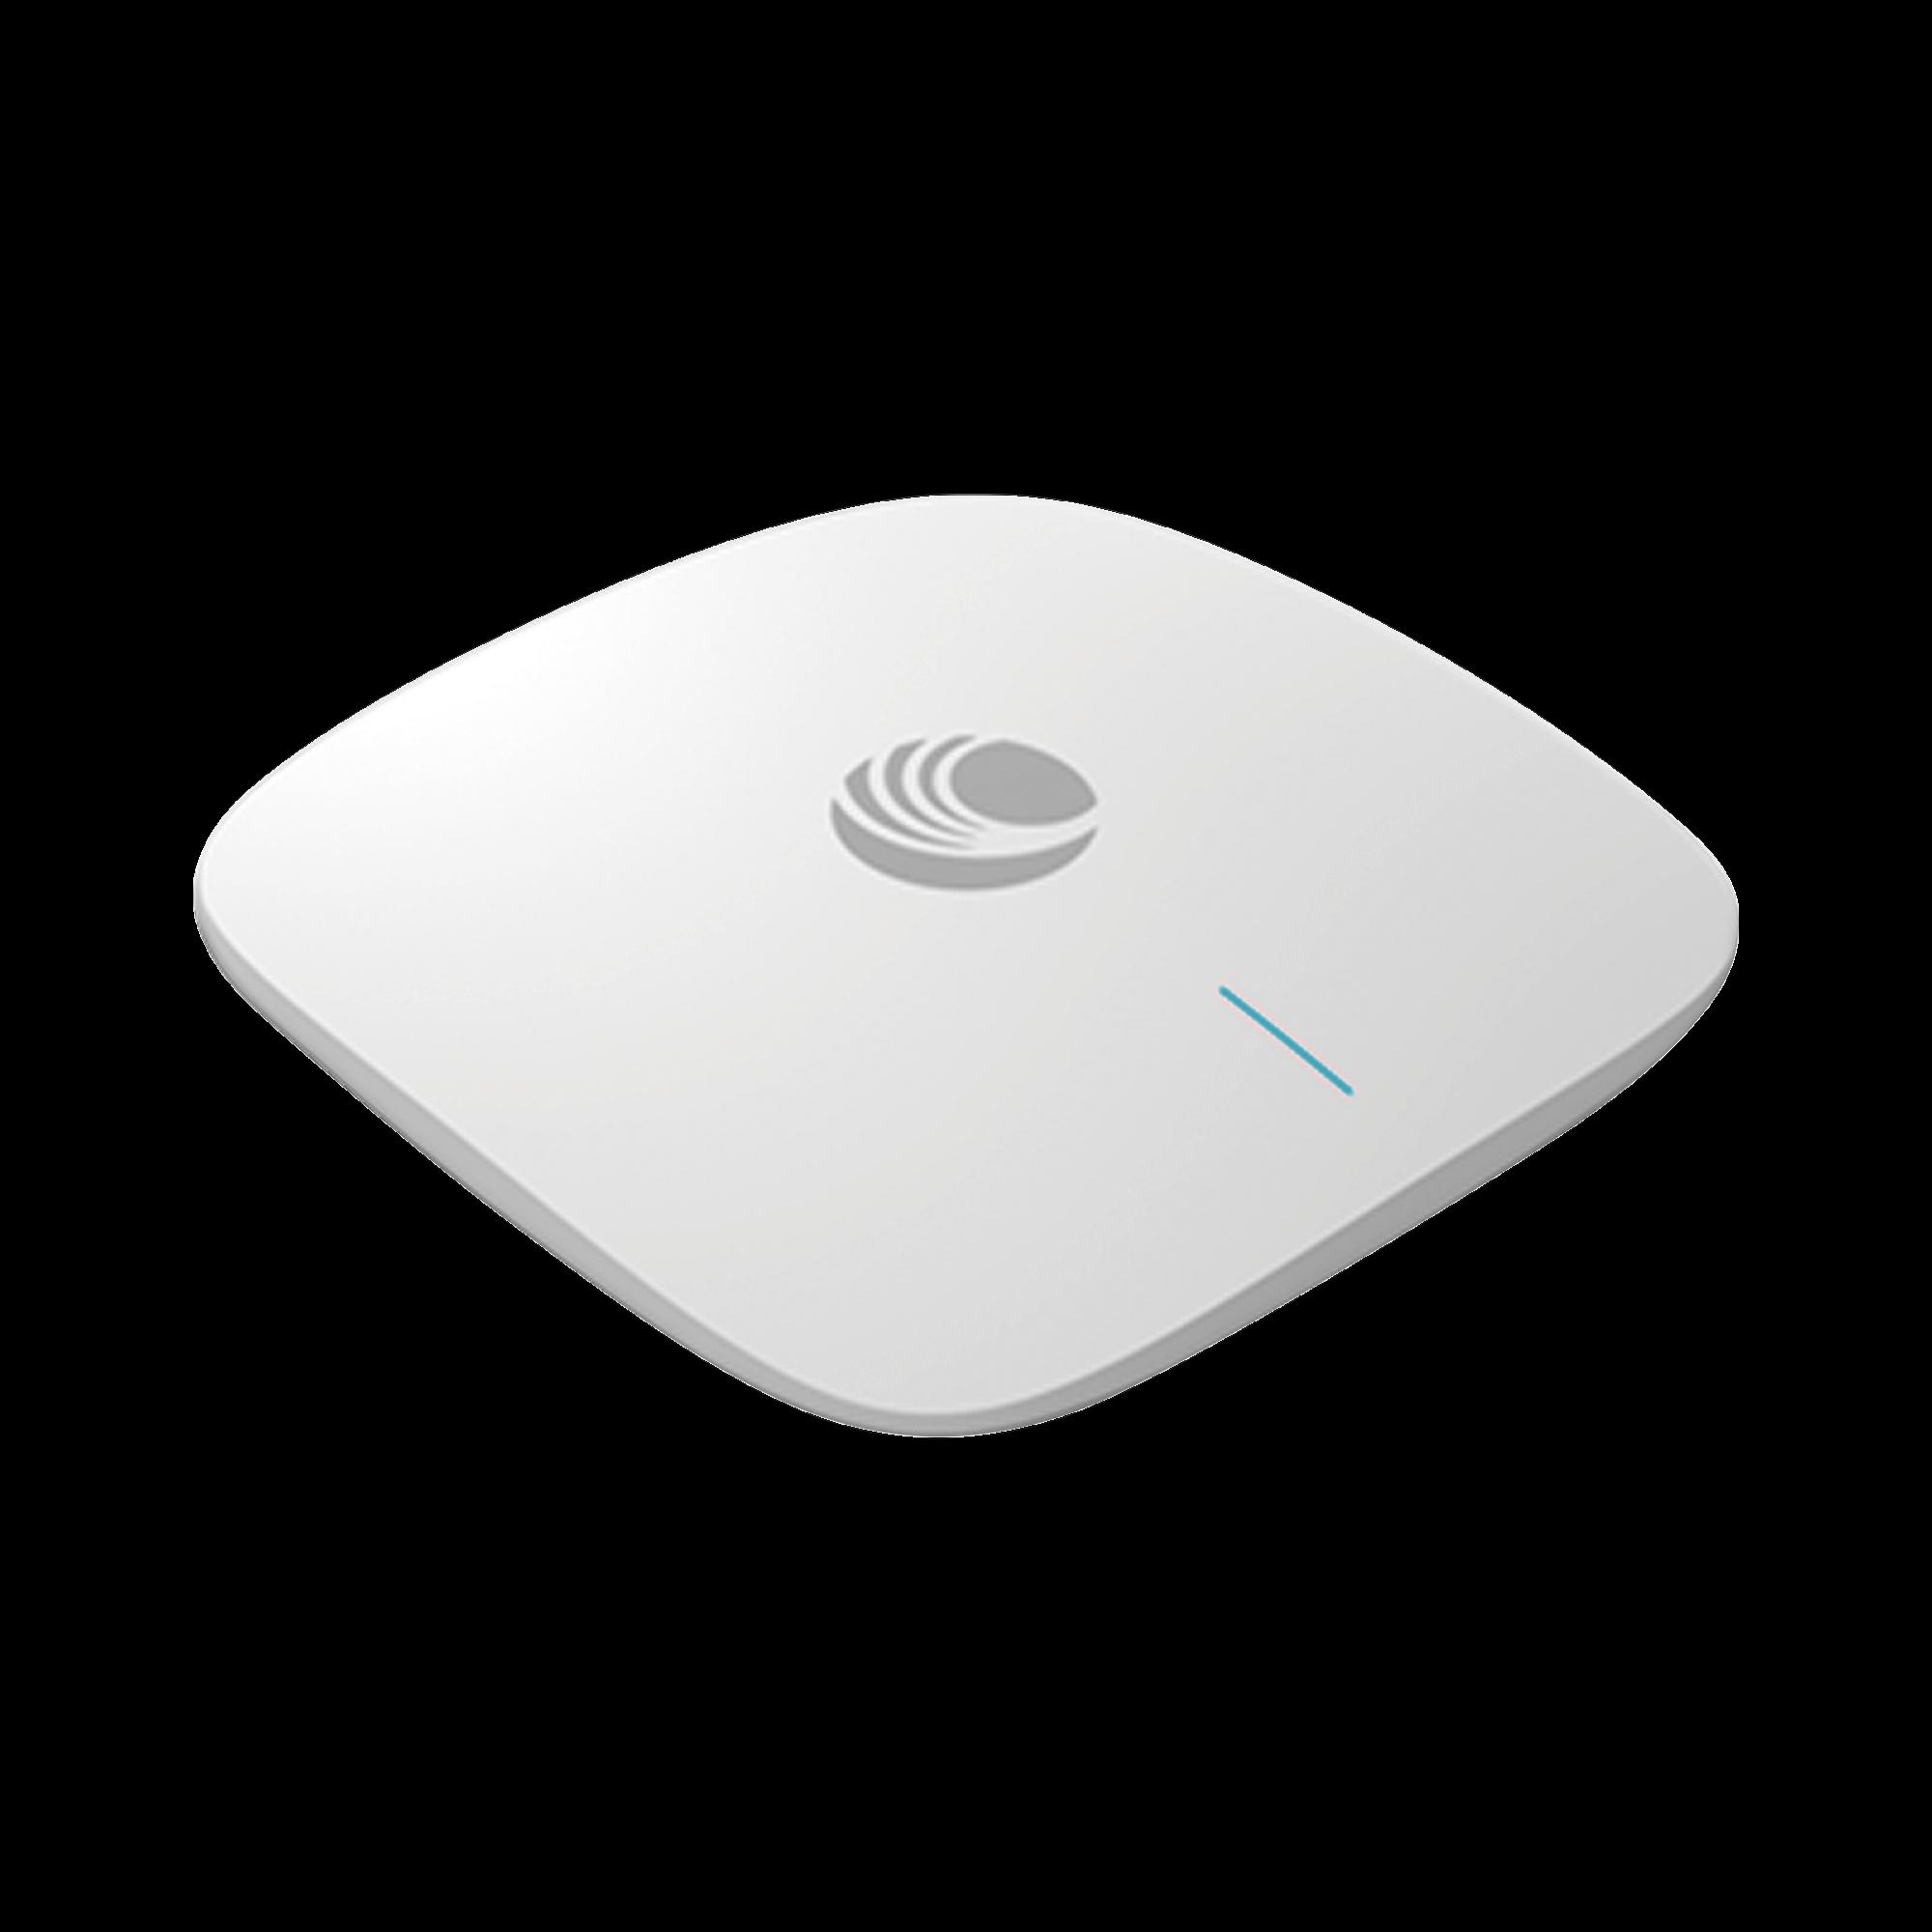 Access Point cnPilot XV2-2 WiFi 6 802.11ax, doble banda, seguridad de acceso WPA3, Políticas de control de aplicaciones, hasta 512 clientes, gestión desde la nube